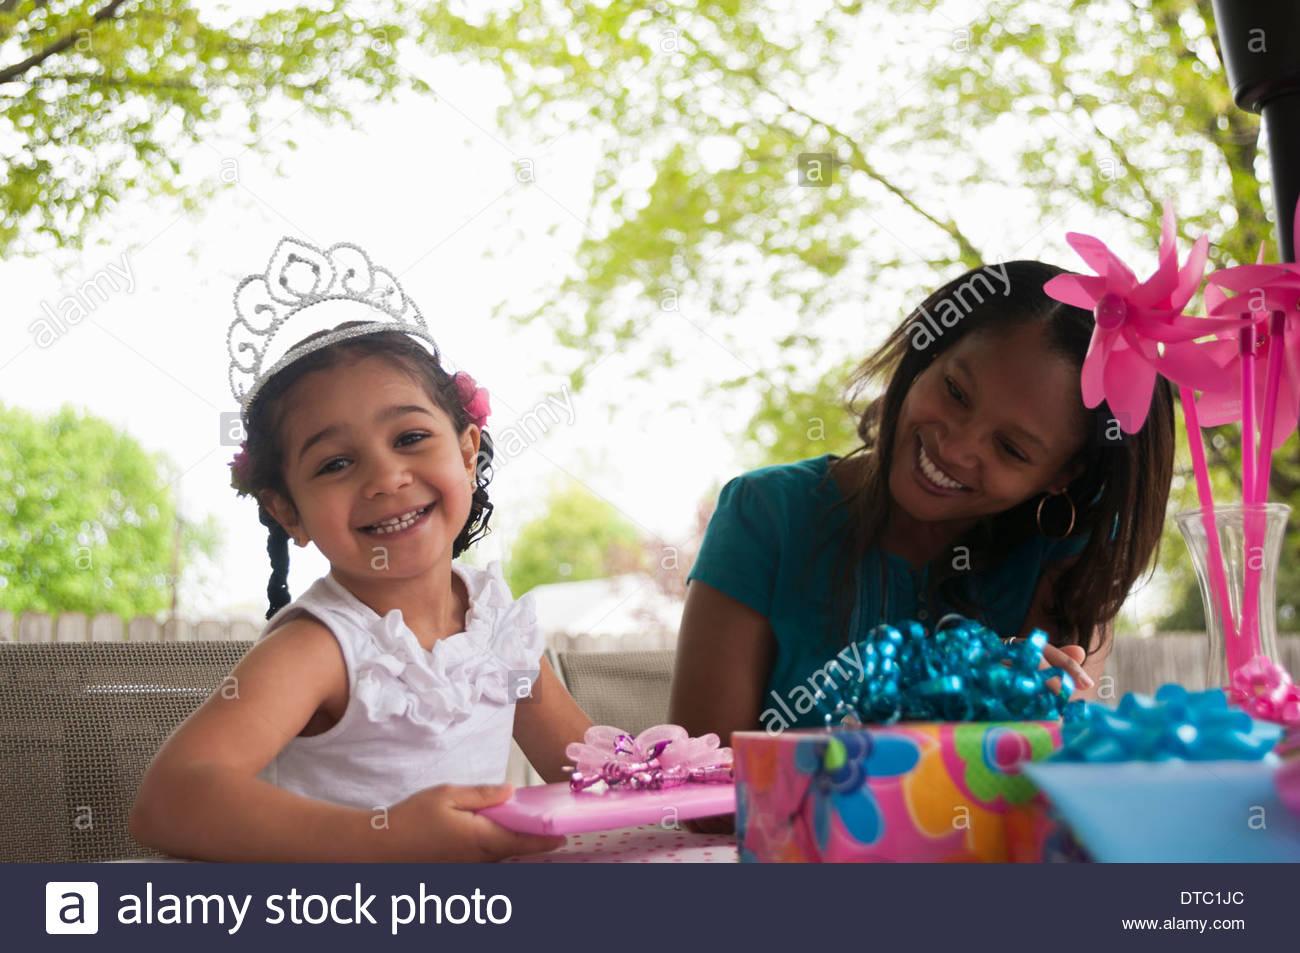 Madre con niña abriendo regalos de cumpleaños Imagen De Stock